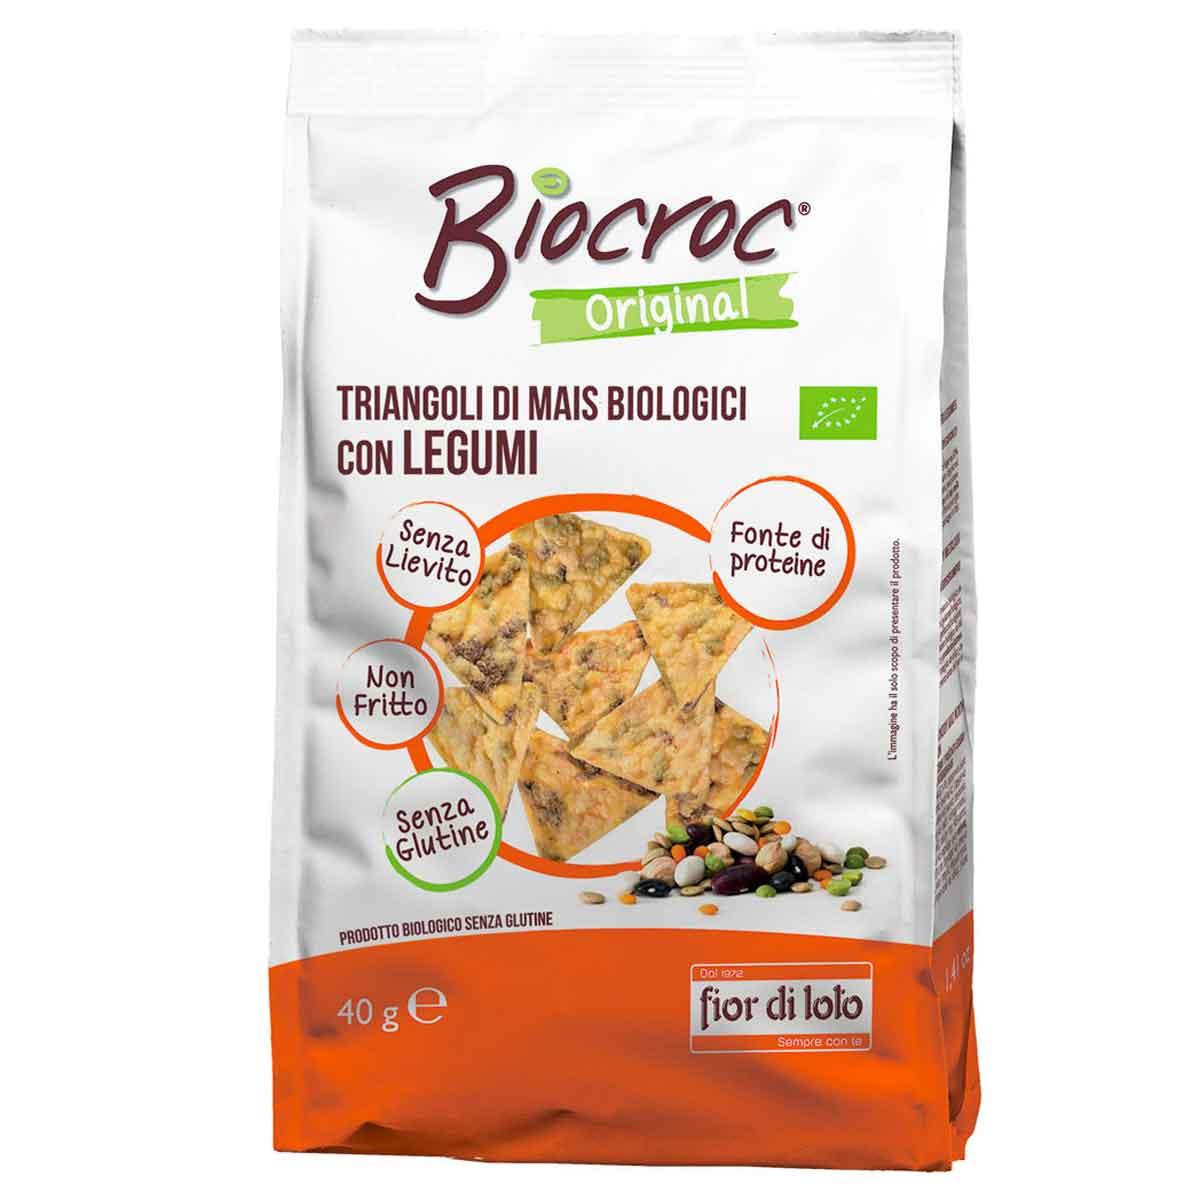 Biocroc triangoli di mais con legumi